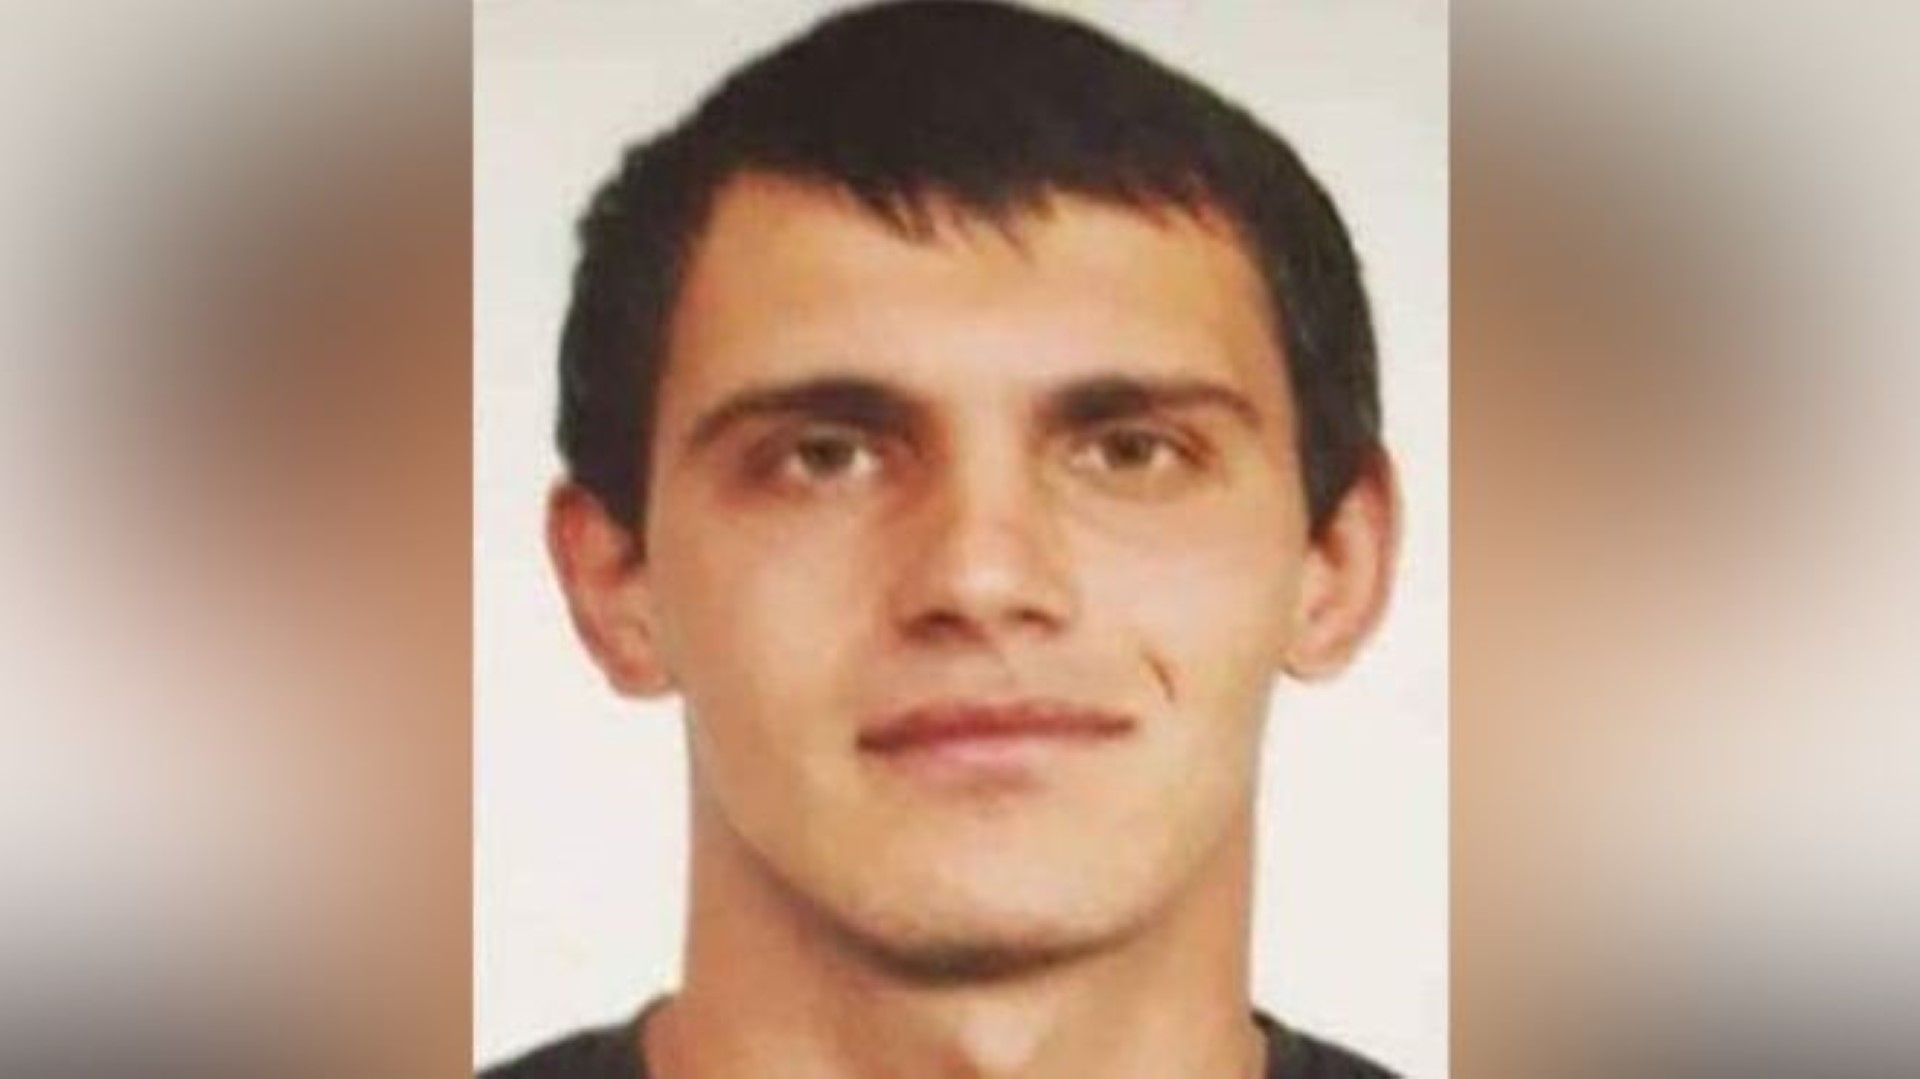 Българинът Валентин Качанов на 27 години е бил видял за последно в търговския център Лейксайд в Есекс